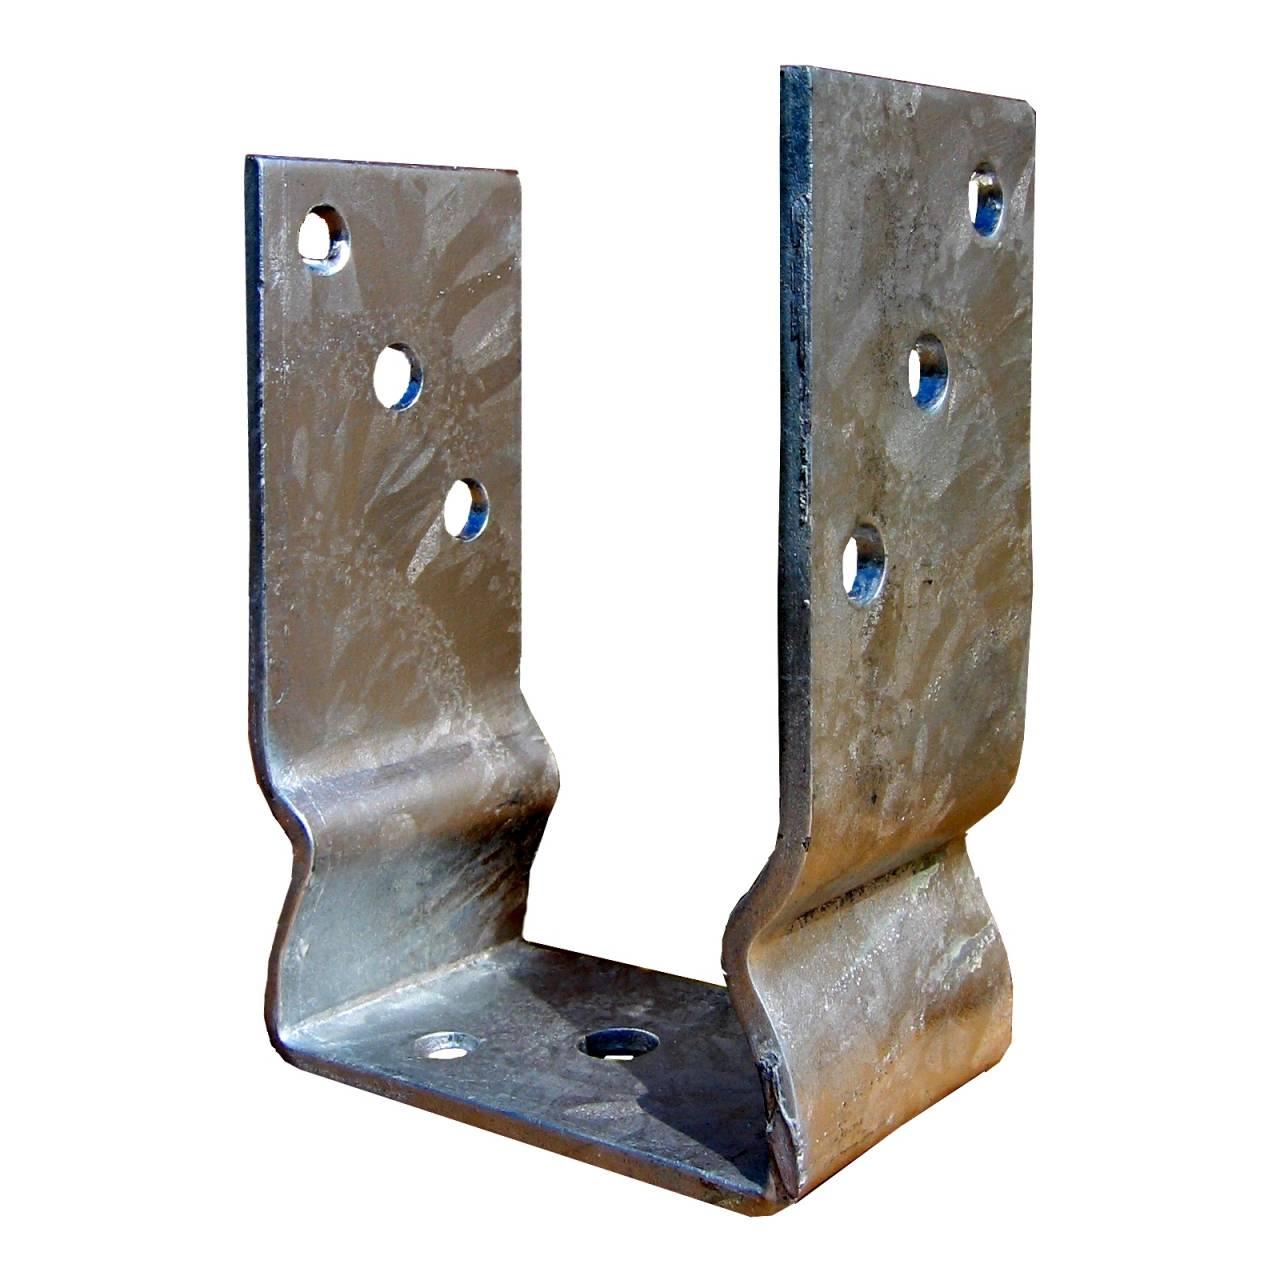 Stützenfuss vz S-U-Form 101 mm, aufschraubbar